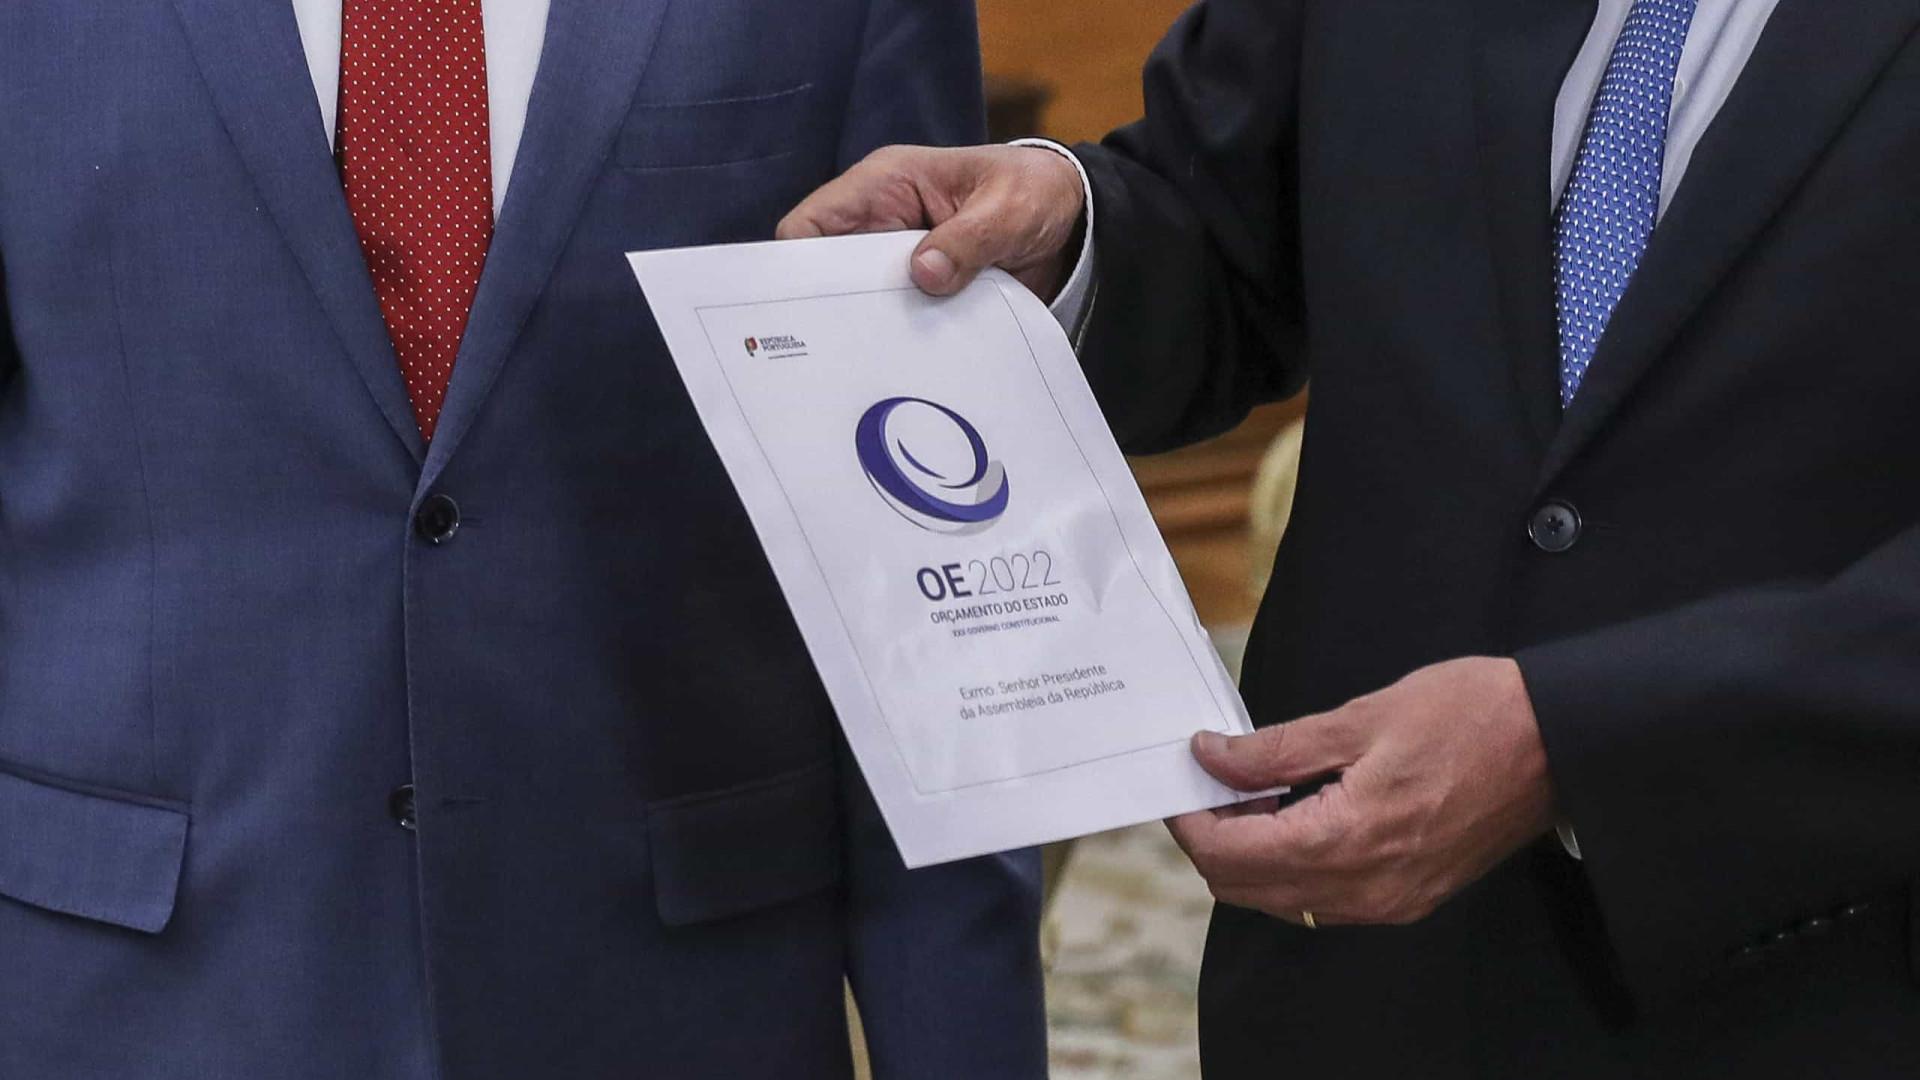 OE2022: PCP e Bloco de Esquerda reúnem hoje órgãos máximos